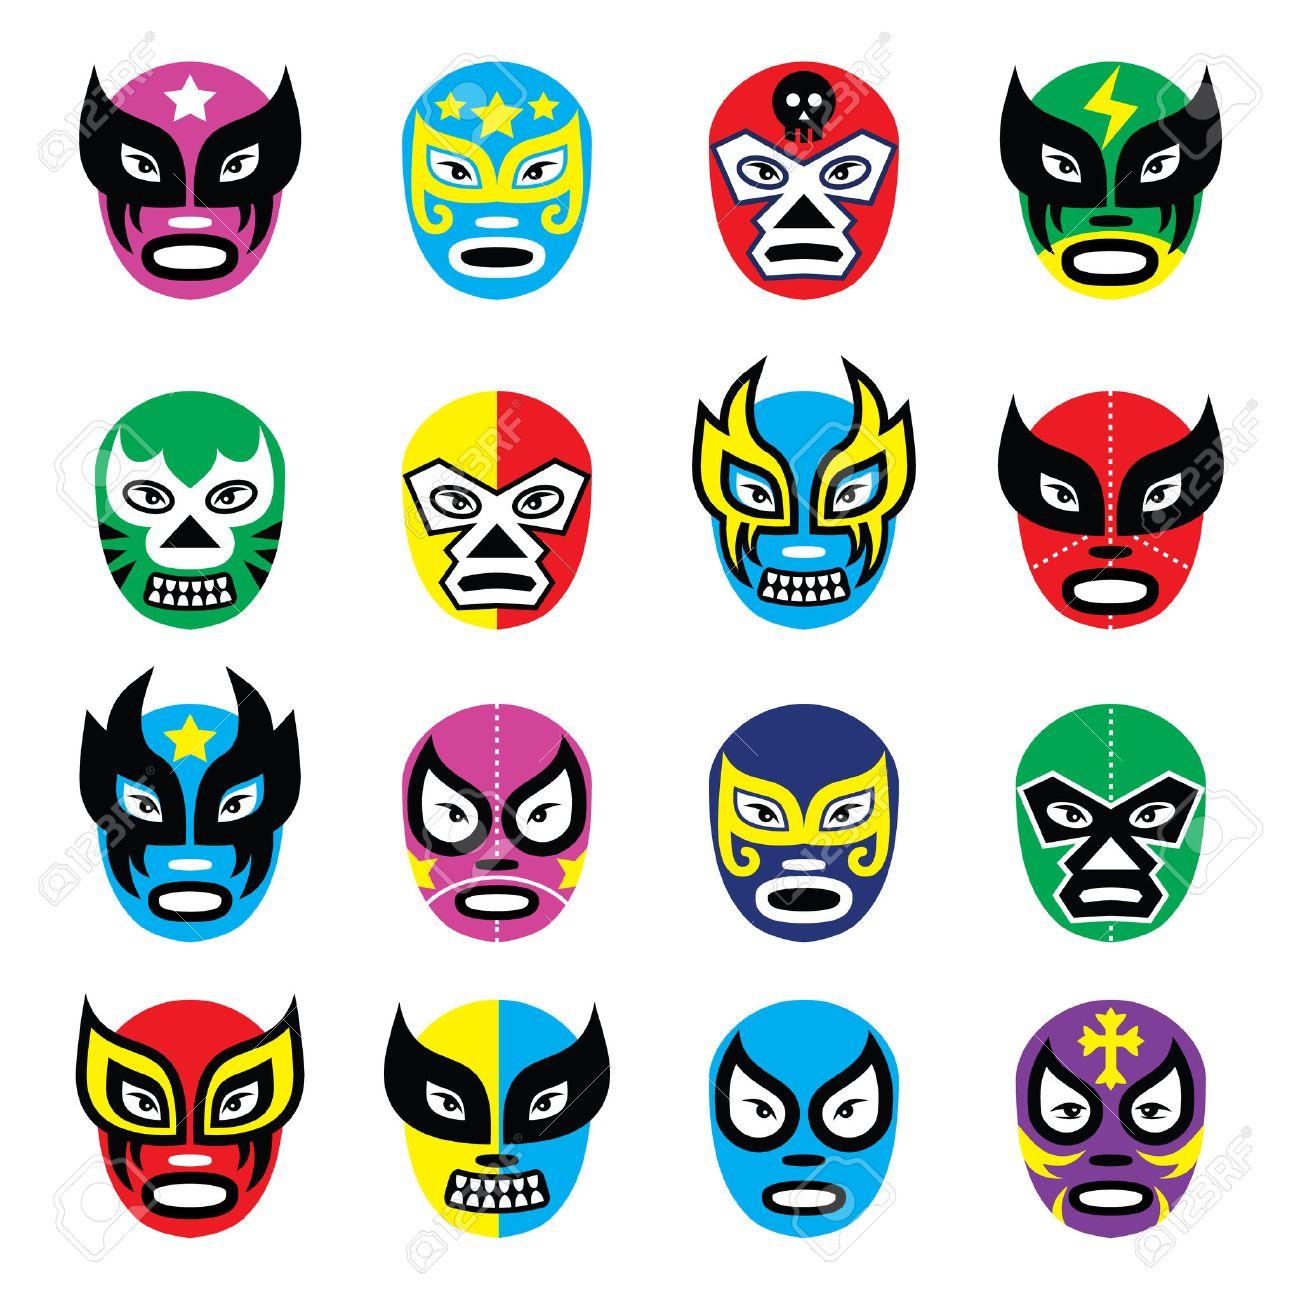 Lucha libre, luchador mexicano máscaras de lucha libre iconos Foto de archivo - 26590831